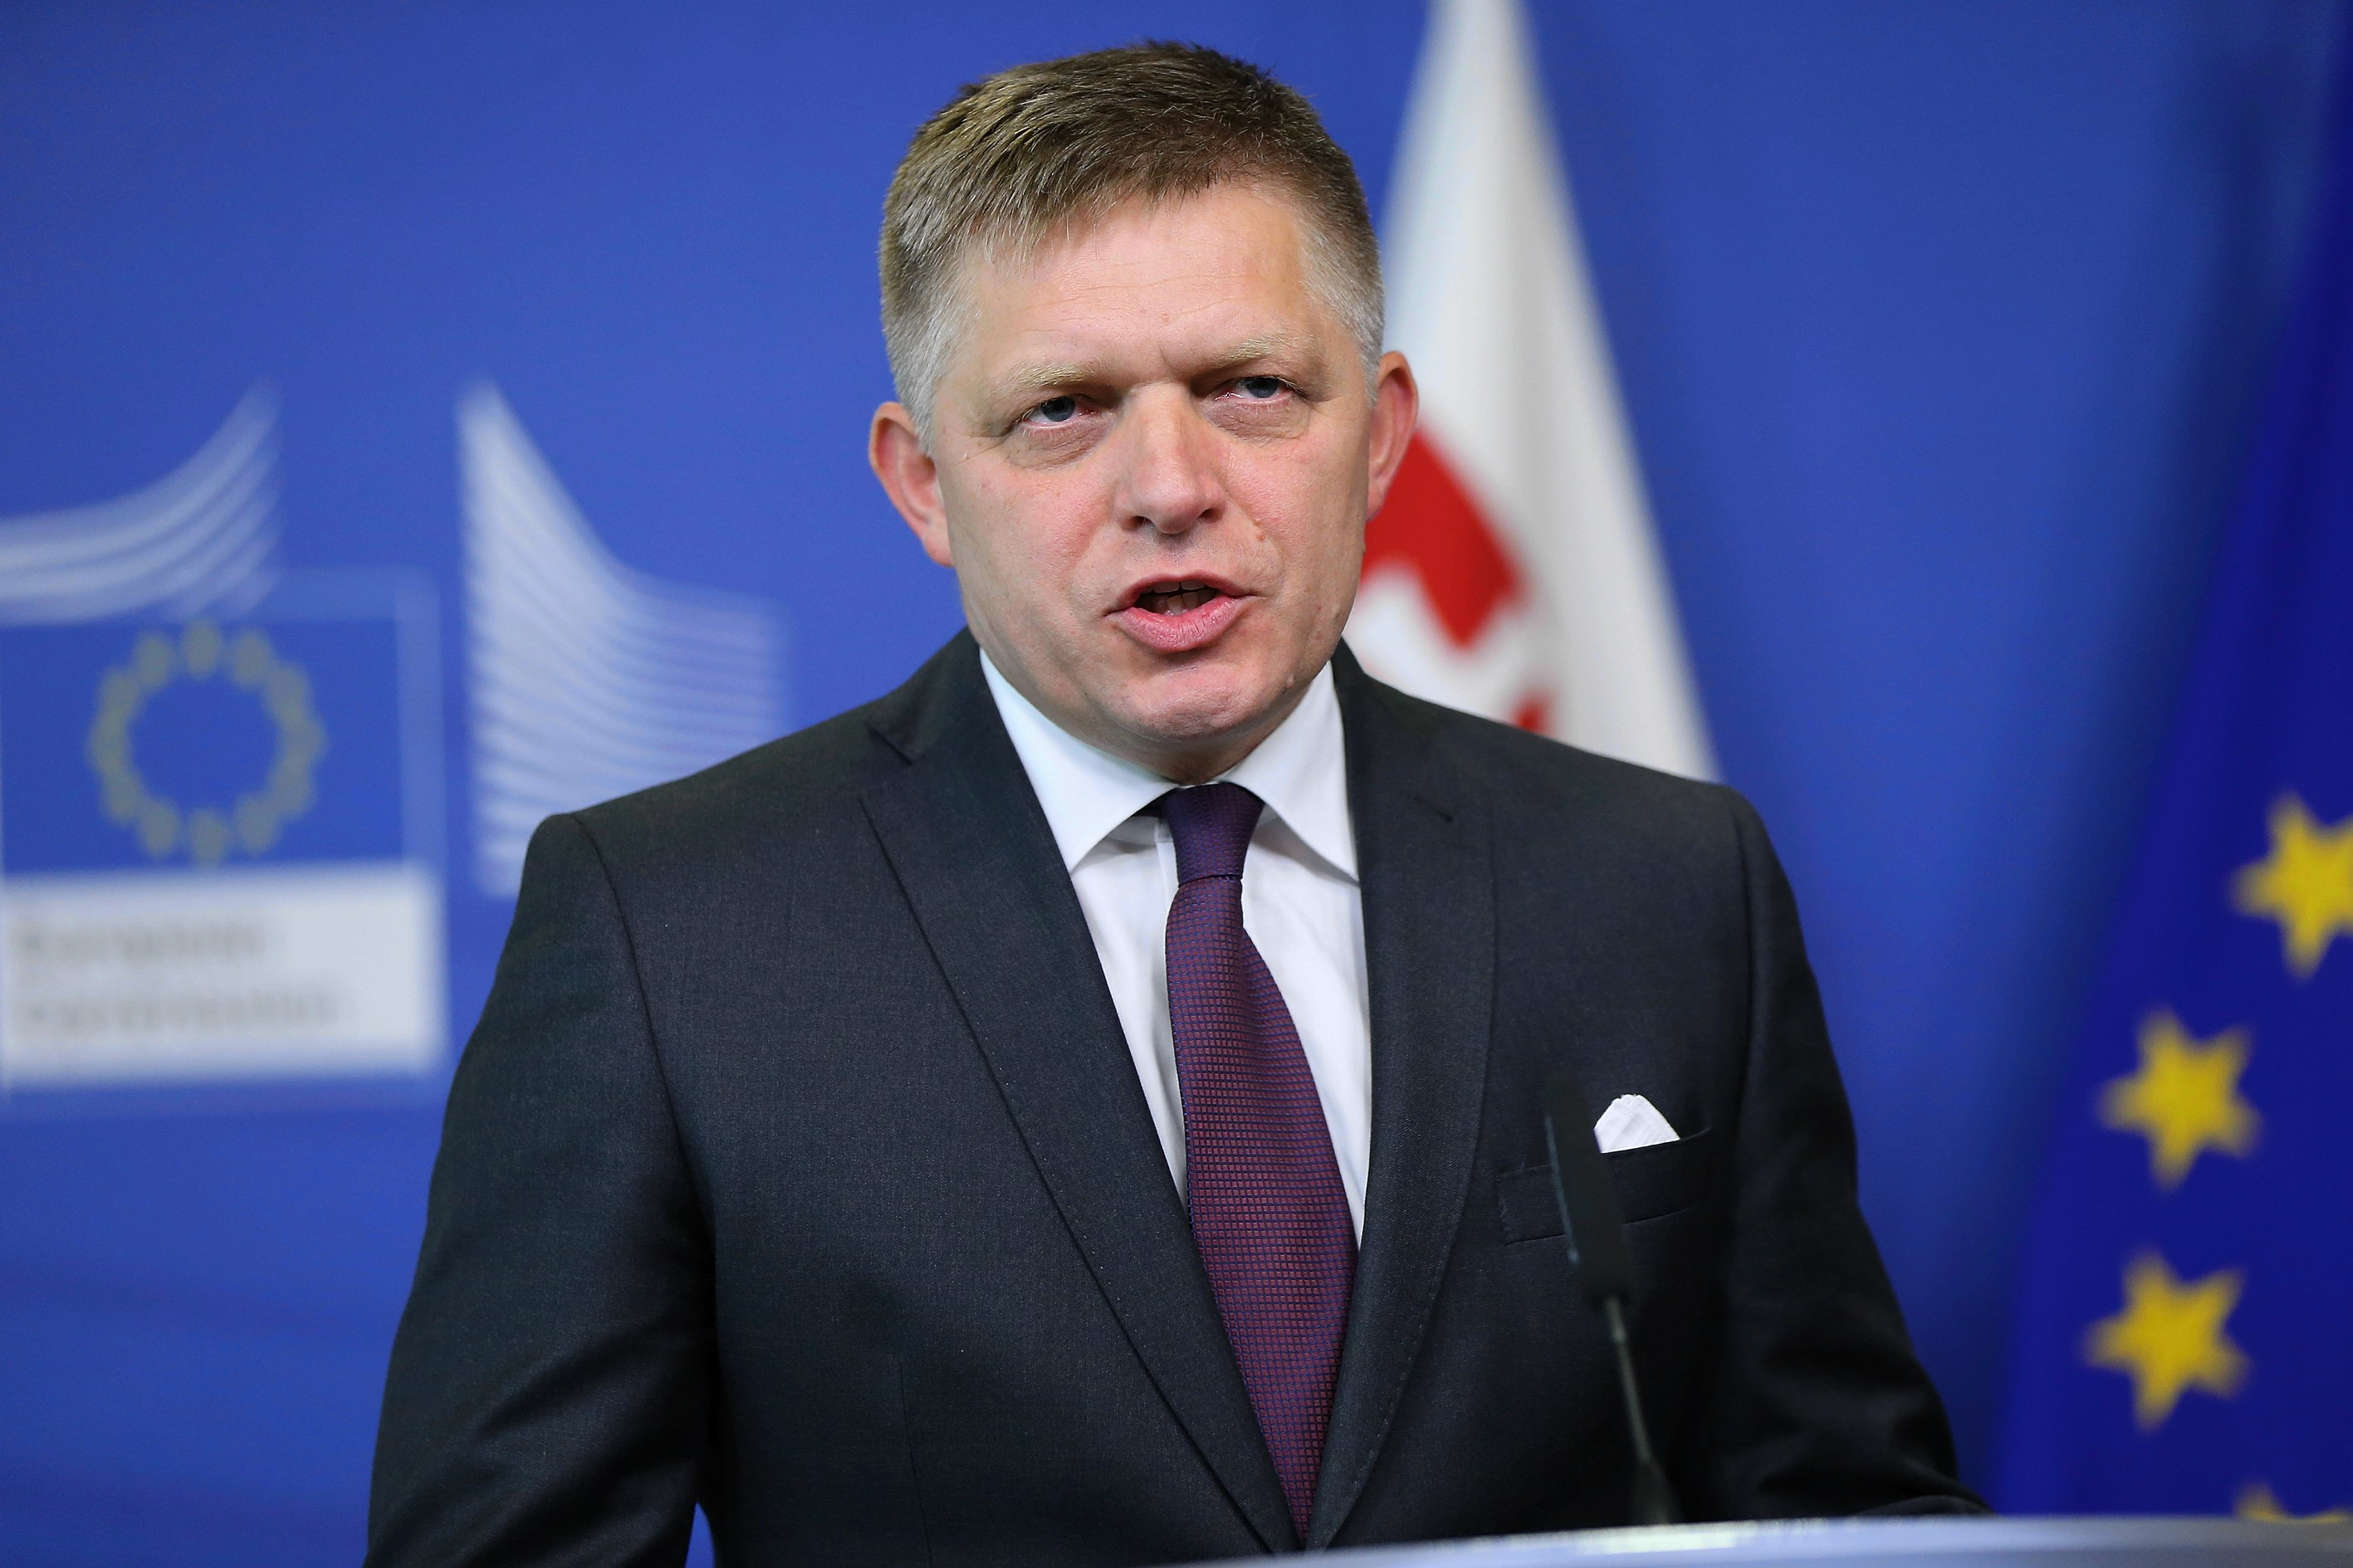 Fico szerint Szlovákia jövője az integráltabb EU-ban, és nem az euroszkeptikus tagállamok társaságában van